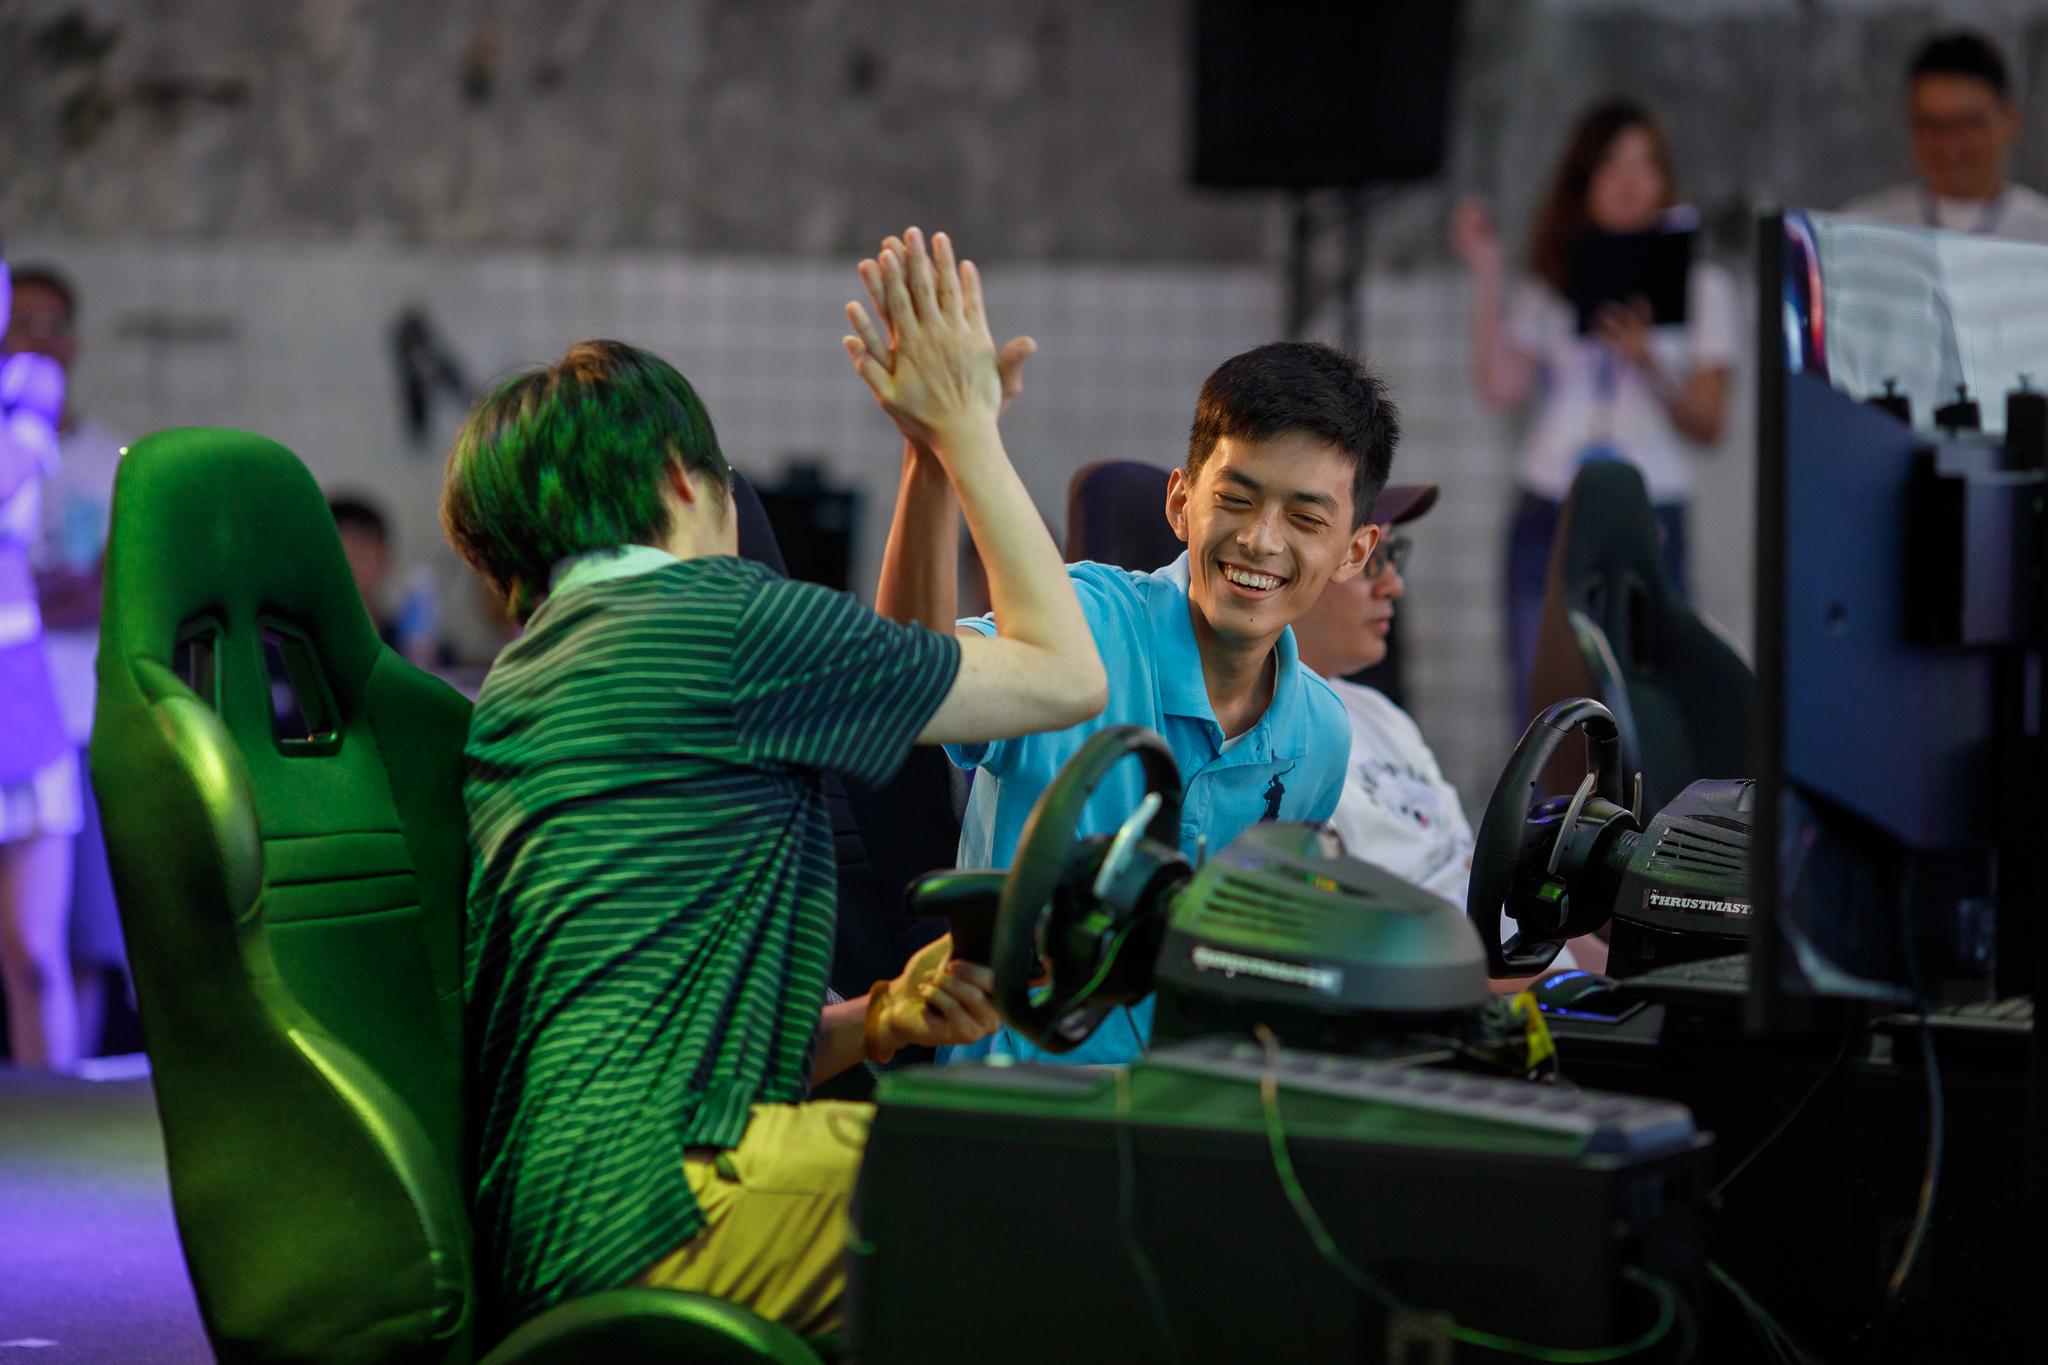 這次「捷元宙斯盃極限競速總決賽」吸引超過50名選手參加,說是全台遊戲菁英聚會也不為過,大家同場競技之外也不忘交流遊戲心得。